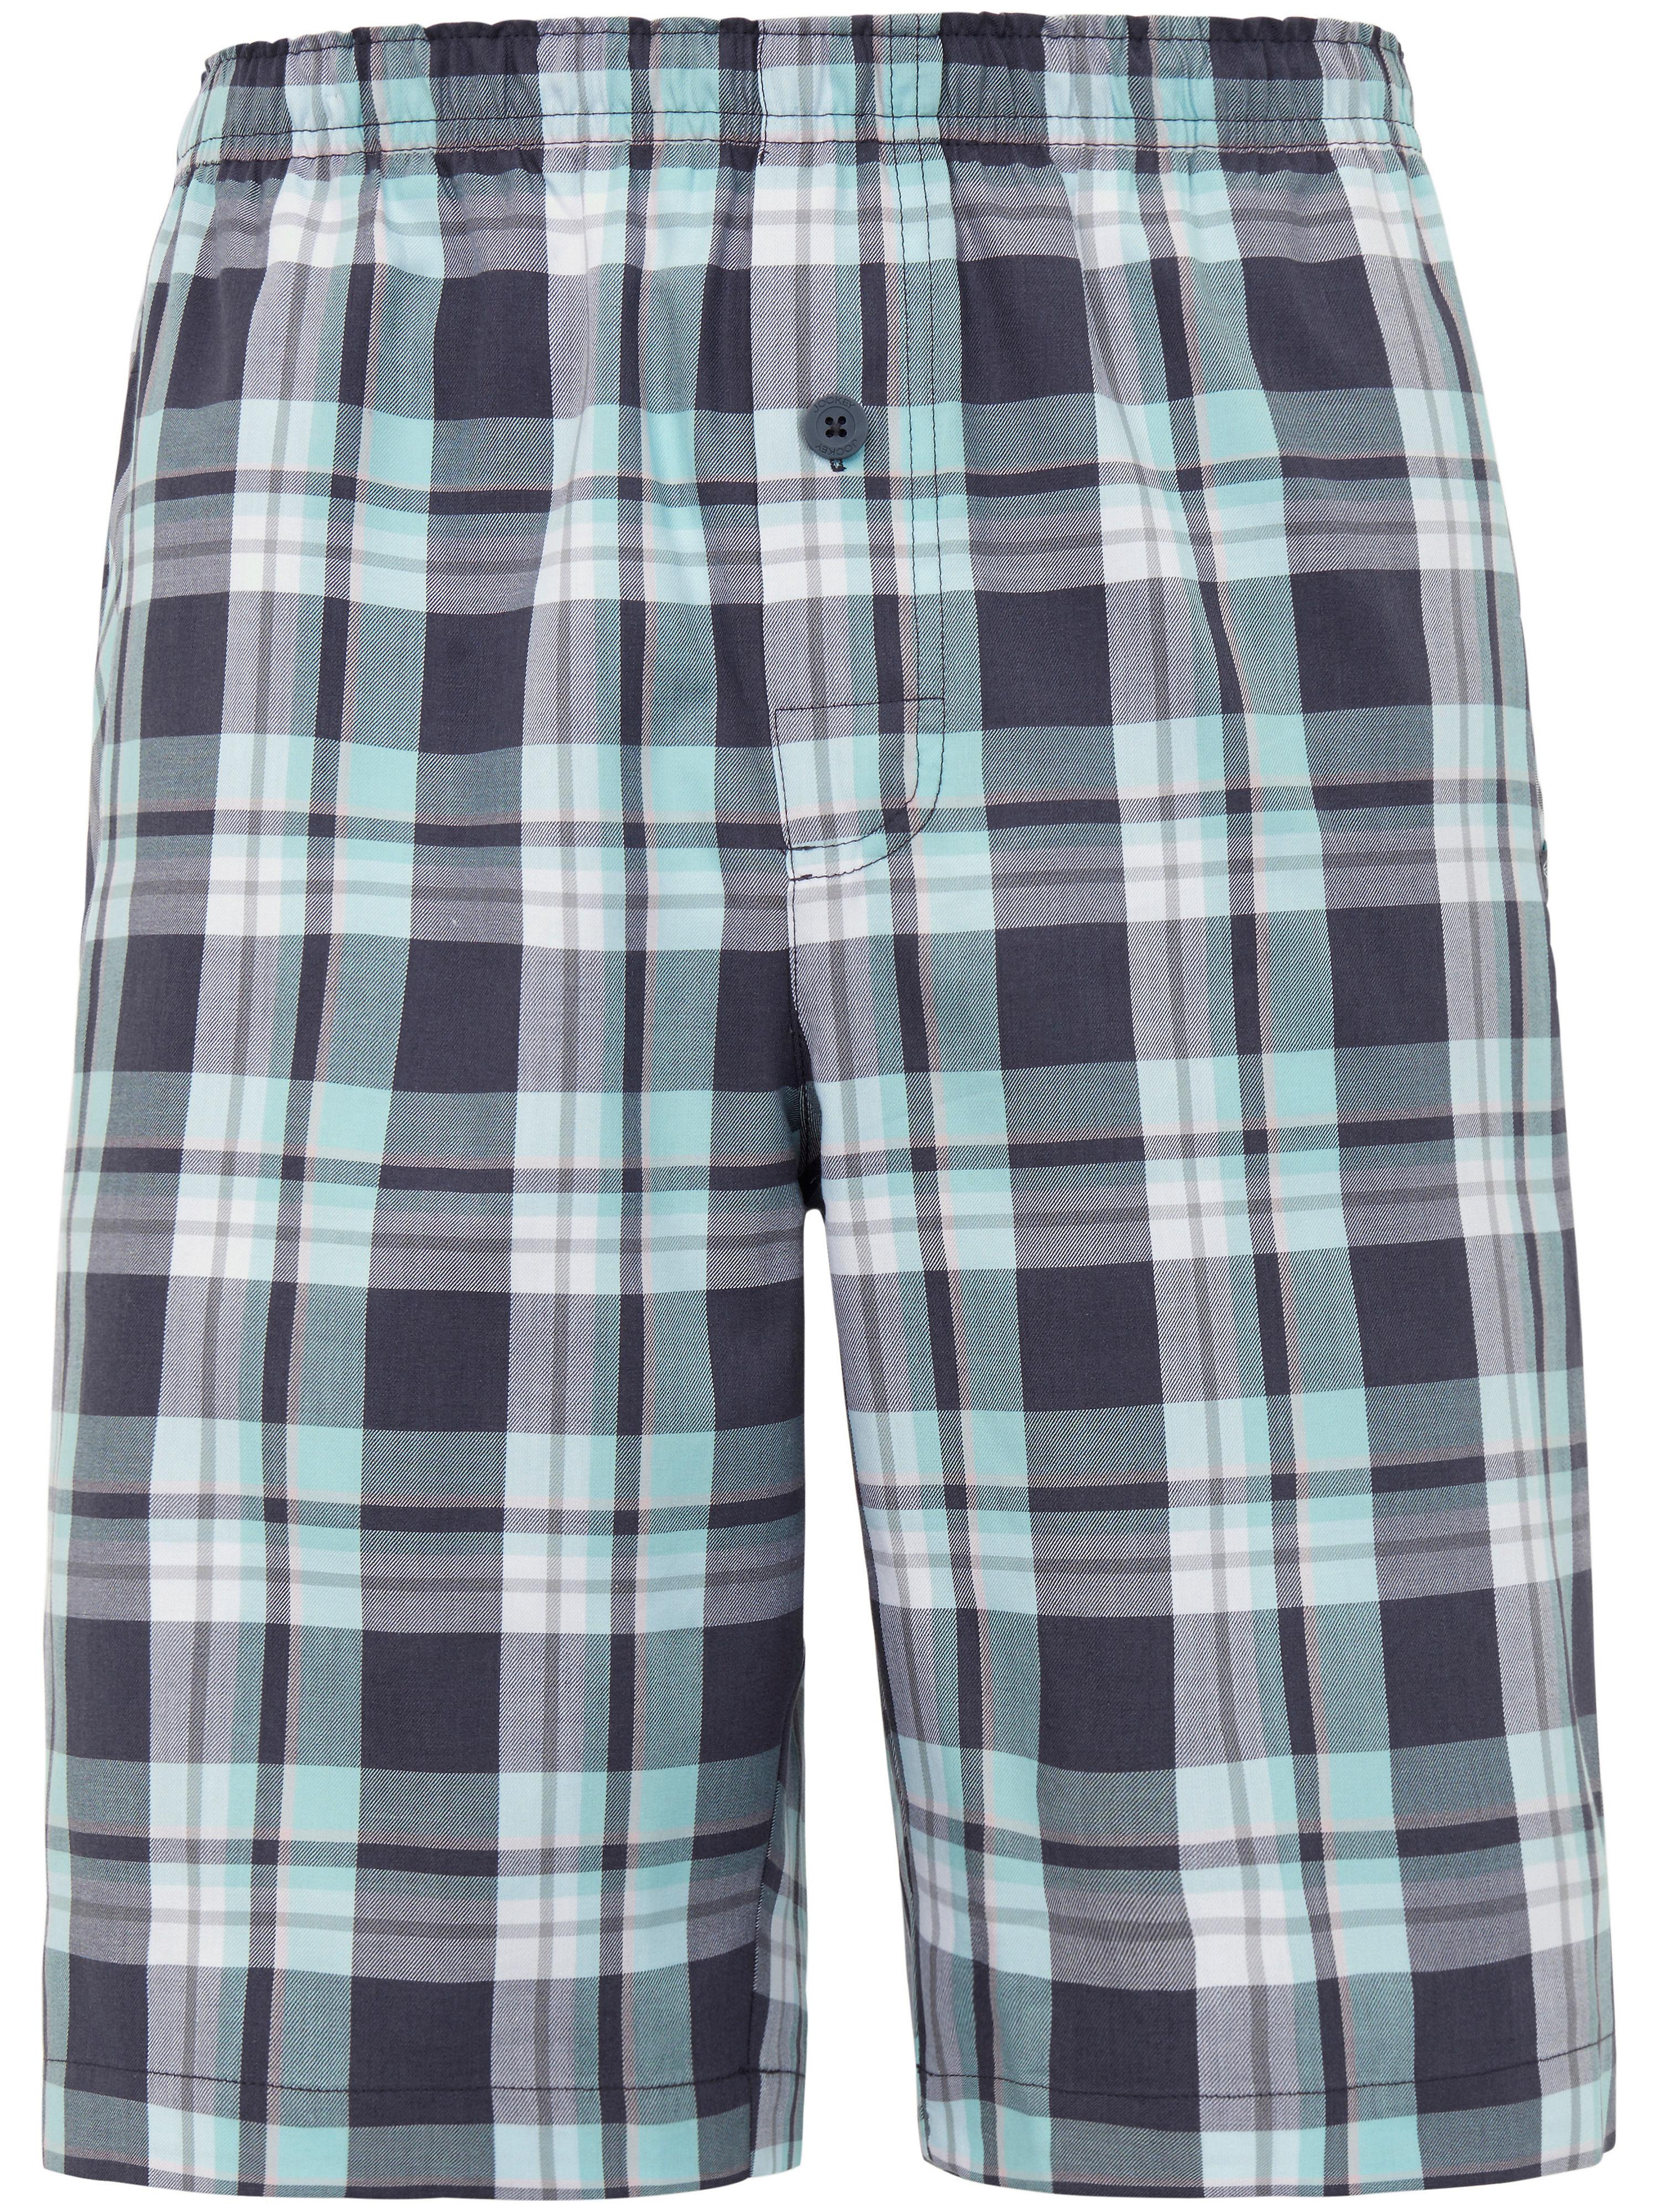 Pyjamabroek Van Jockey blauw